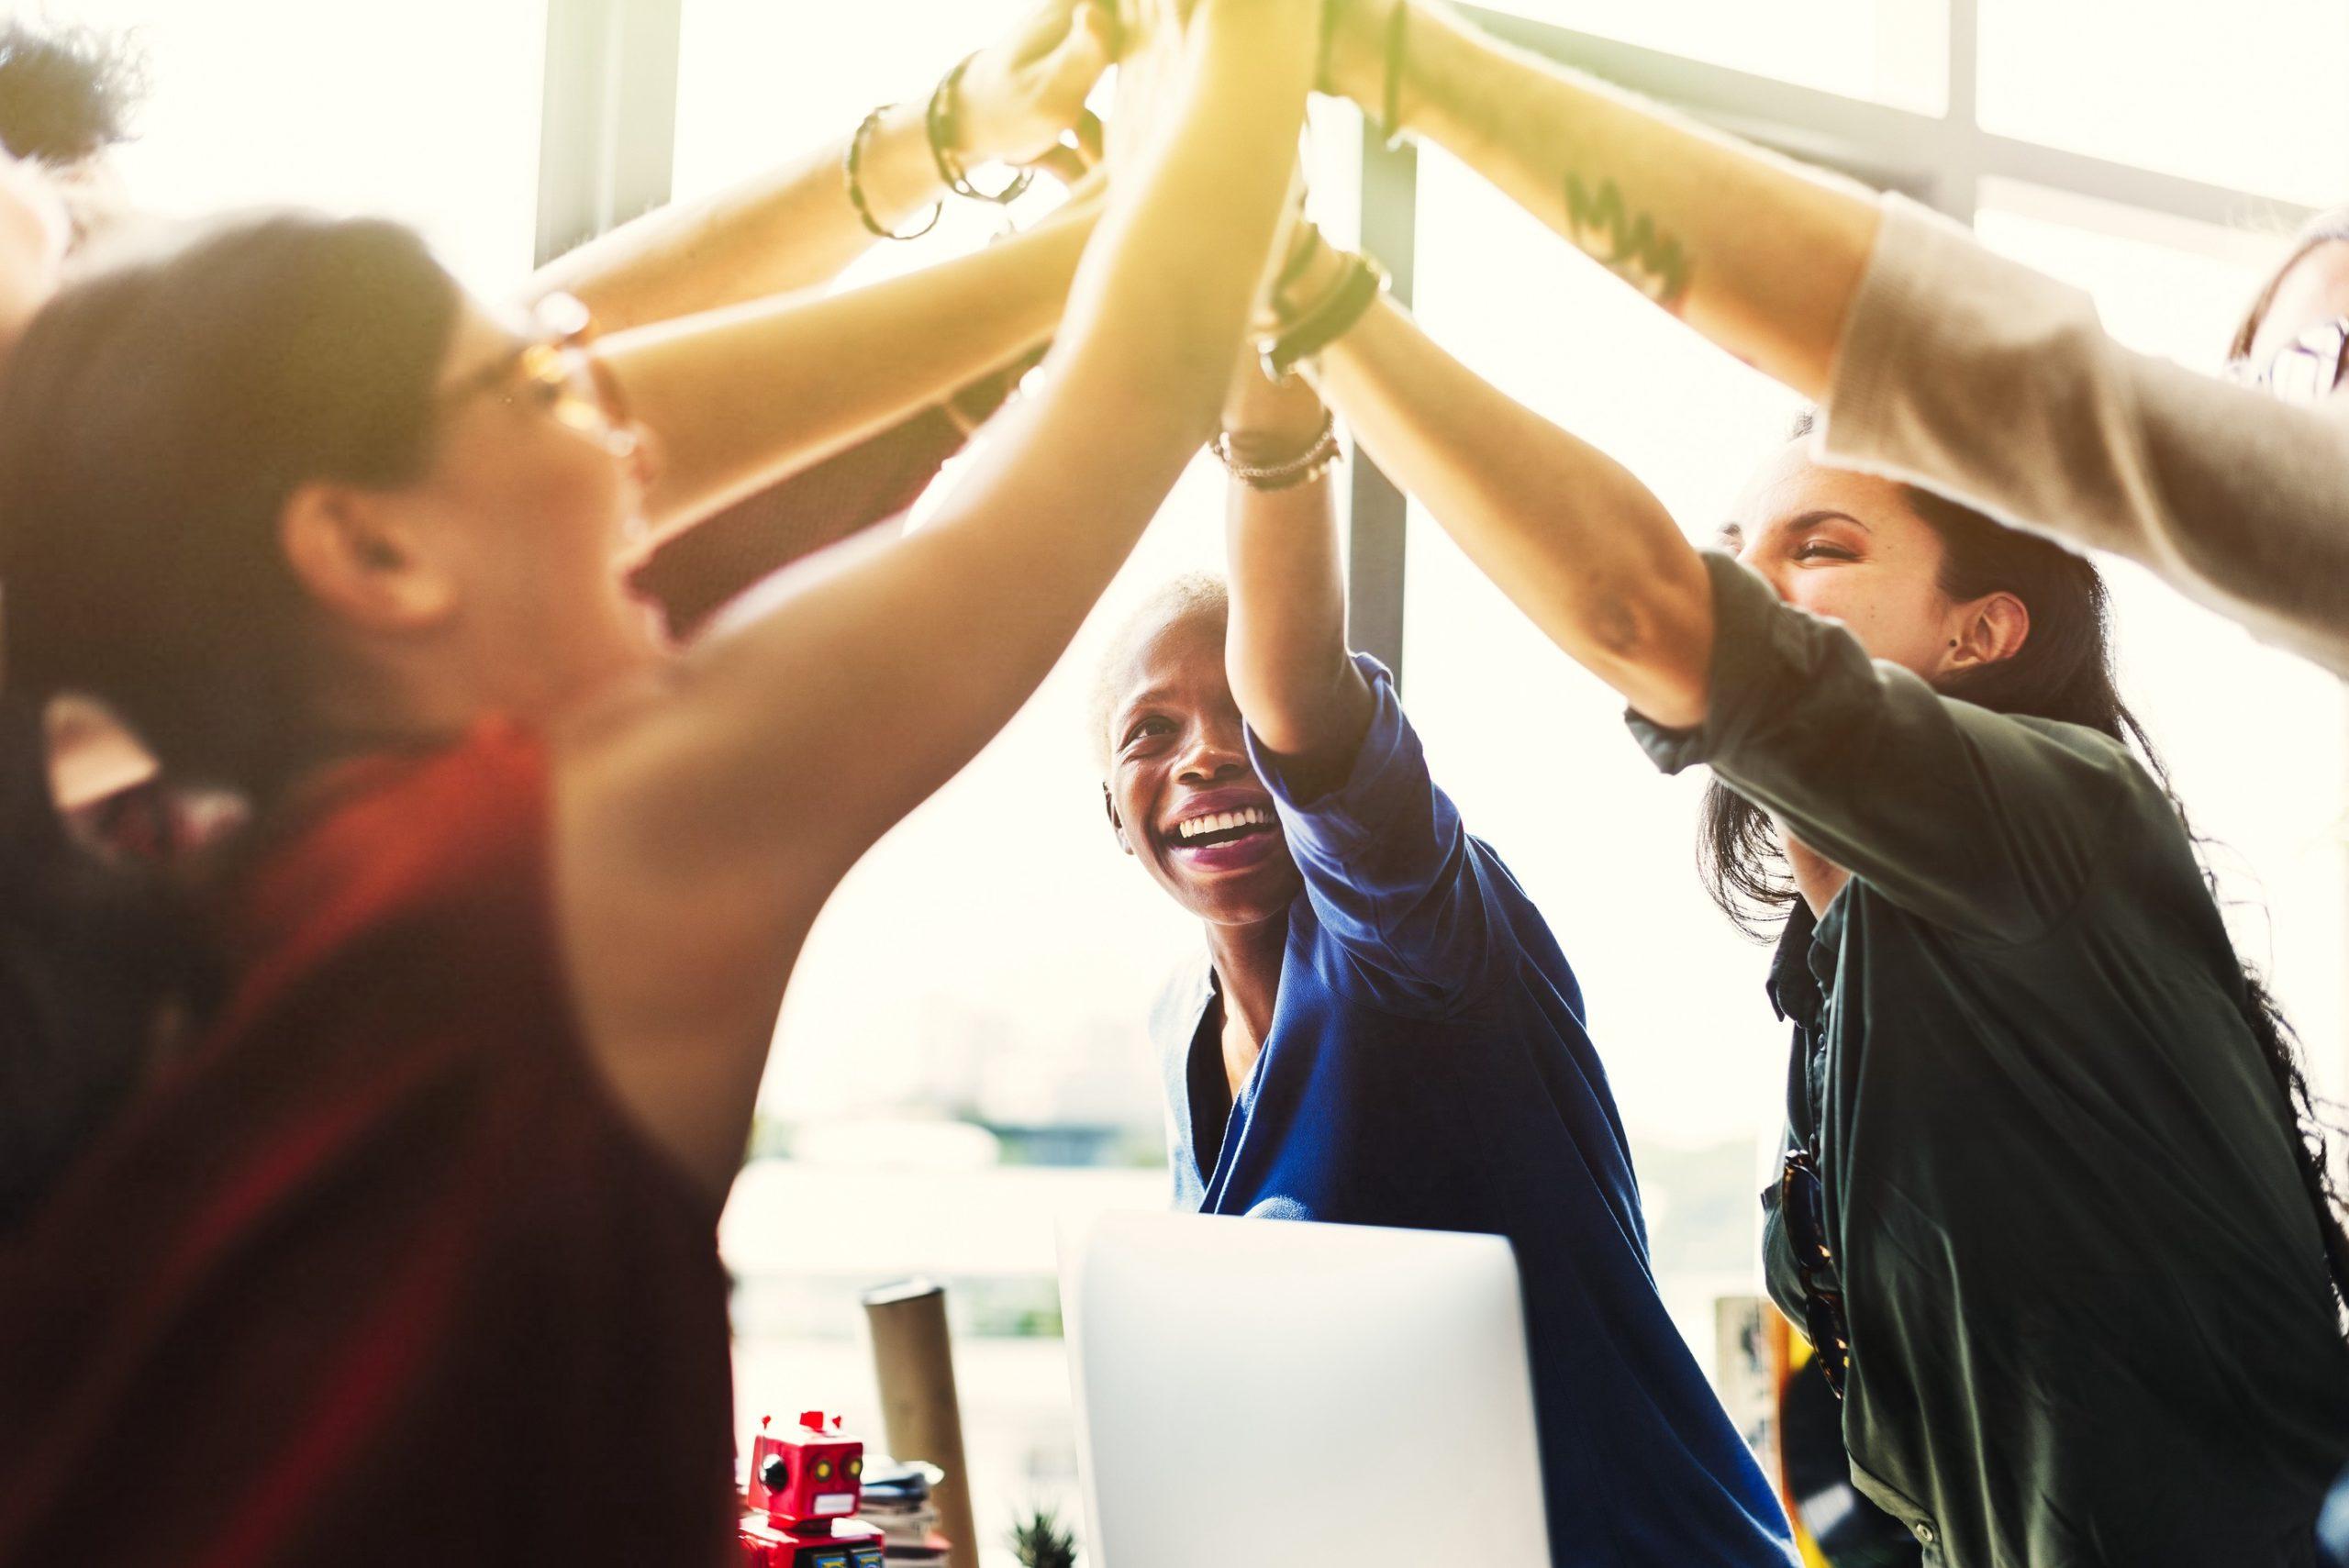 Motivasyon, takım yönetiminde önemli bir faktördür.